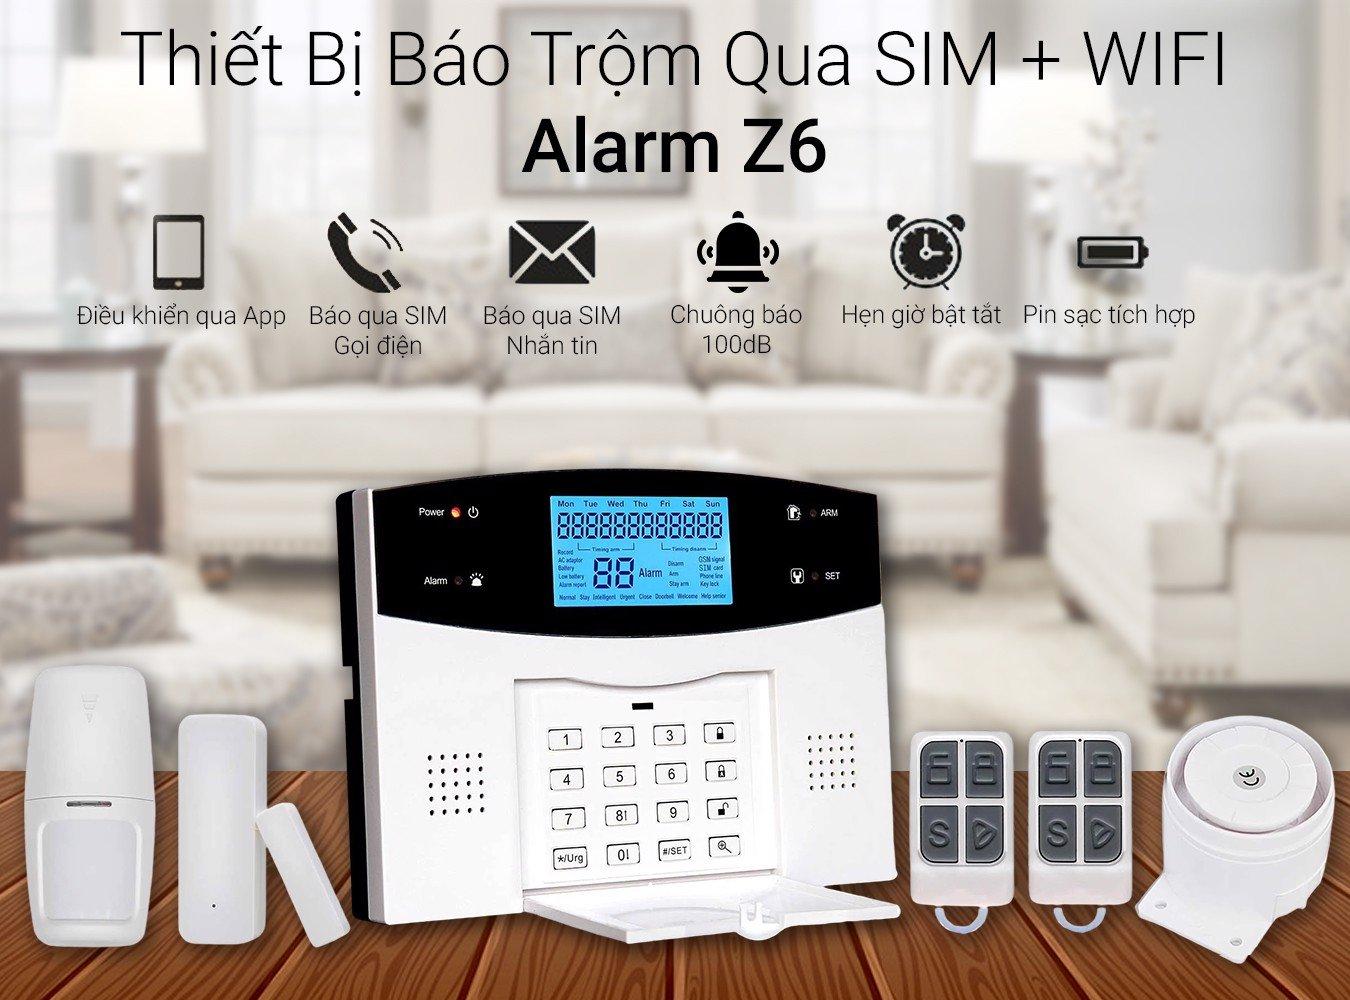 Alarm Z6-bao-trom-qua-sim-wifi